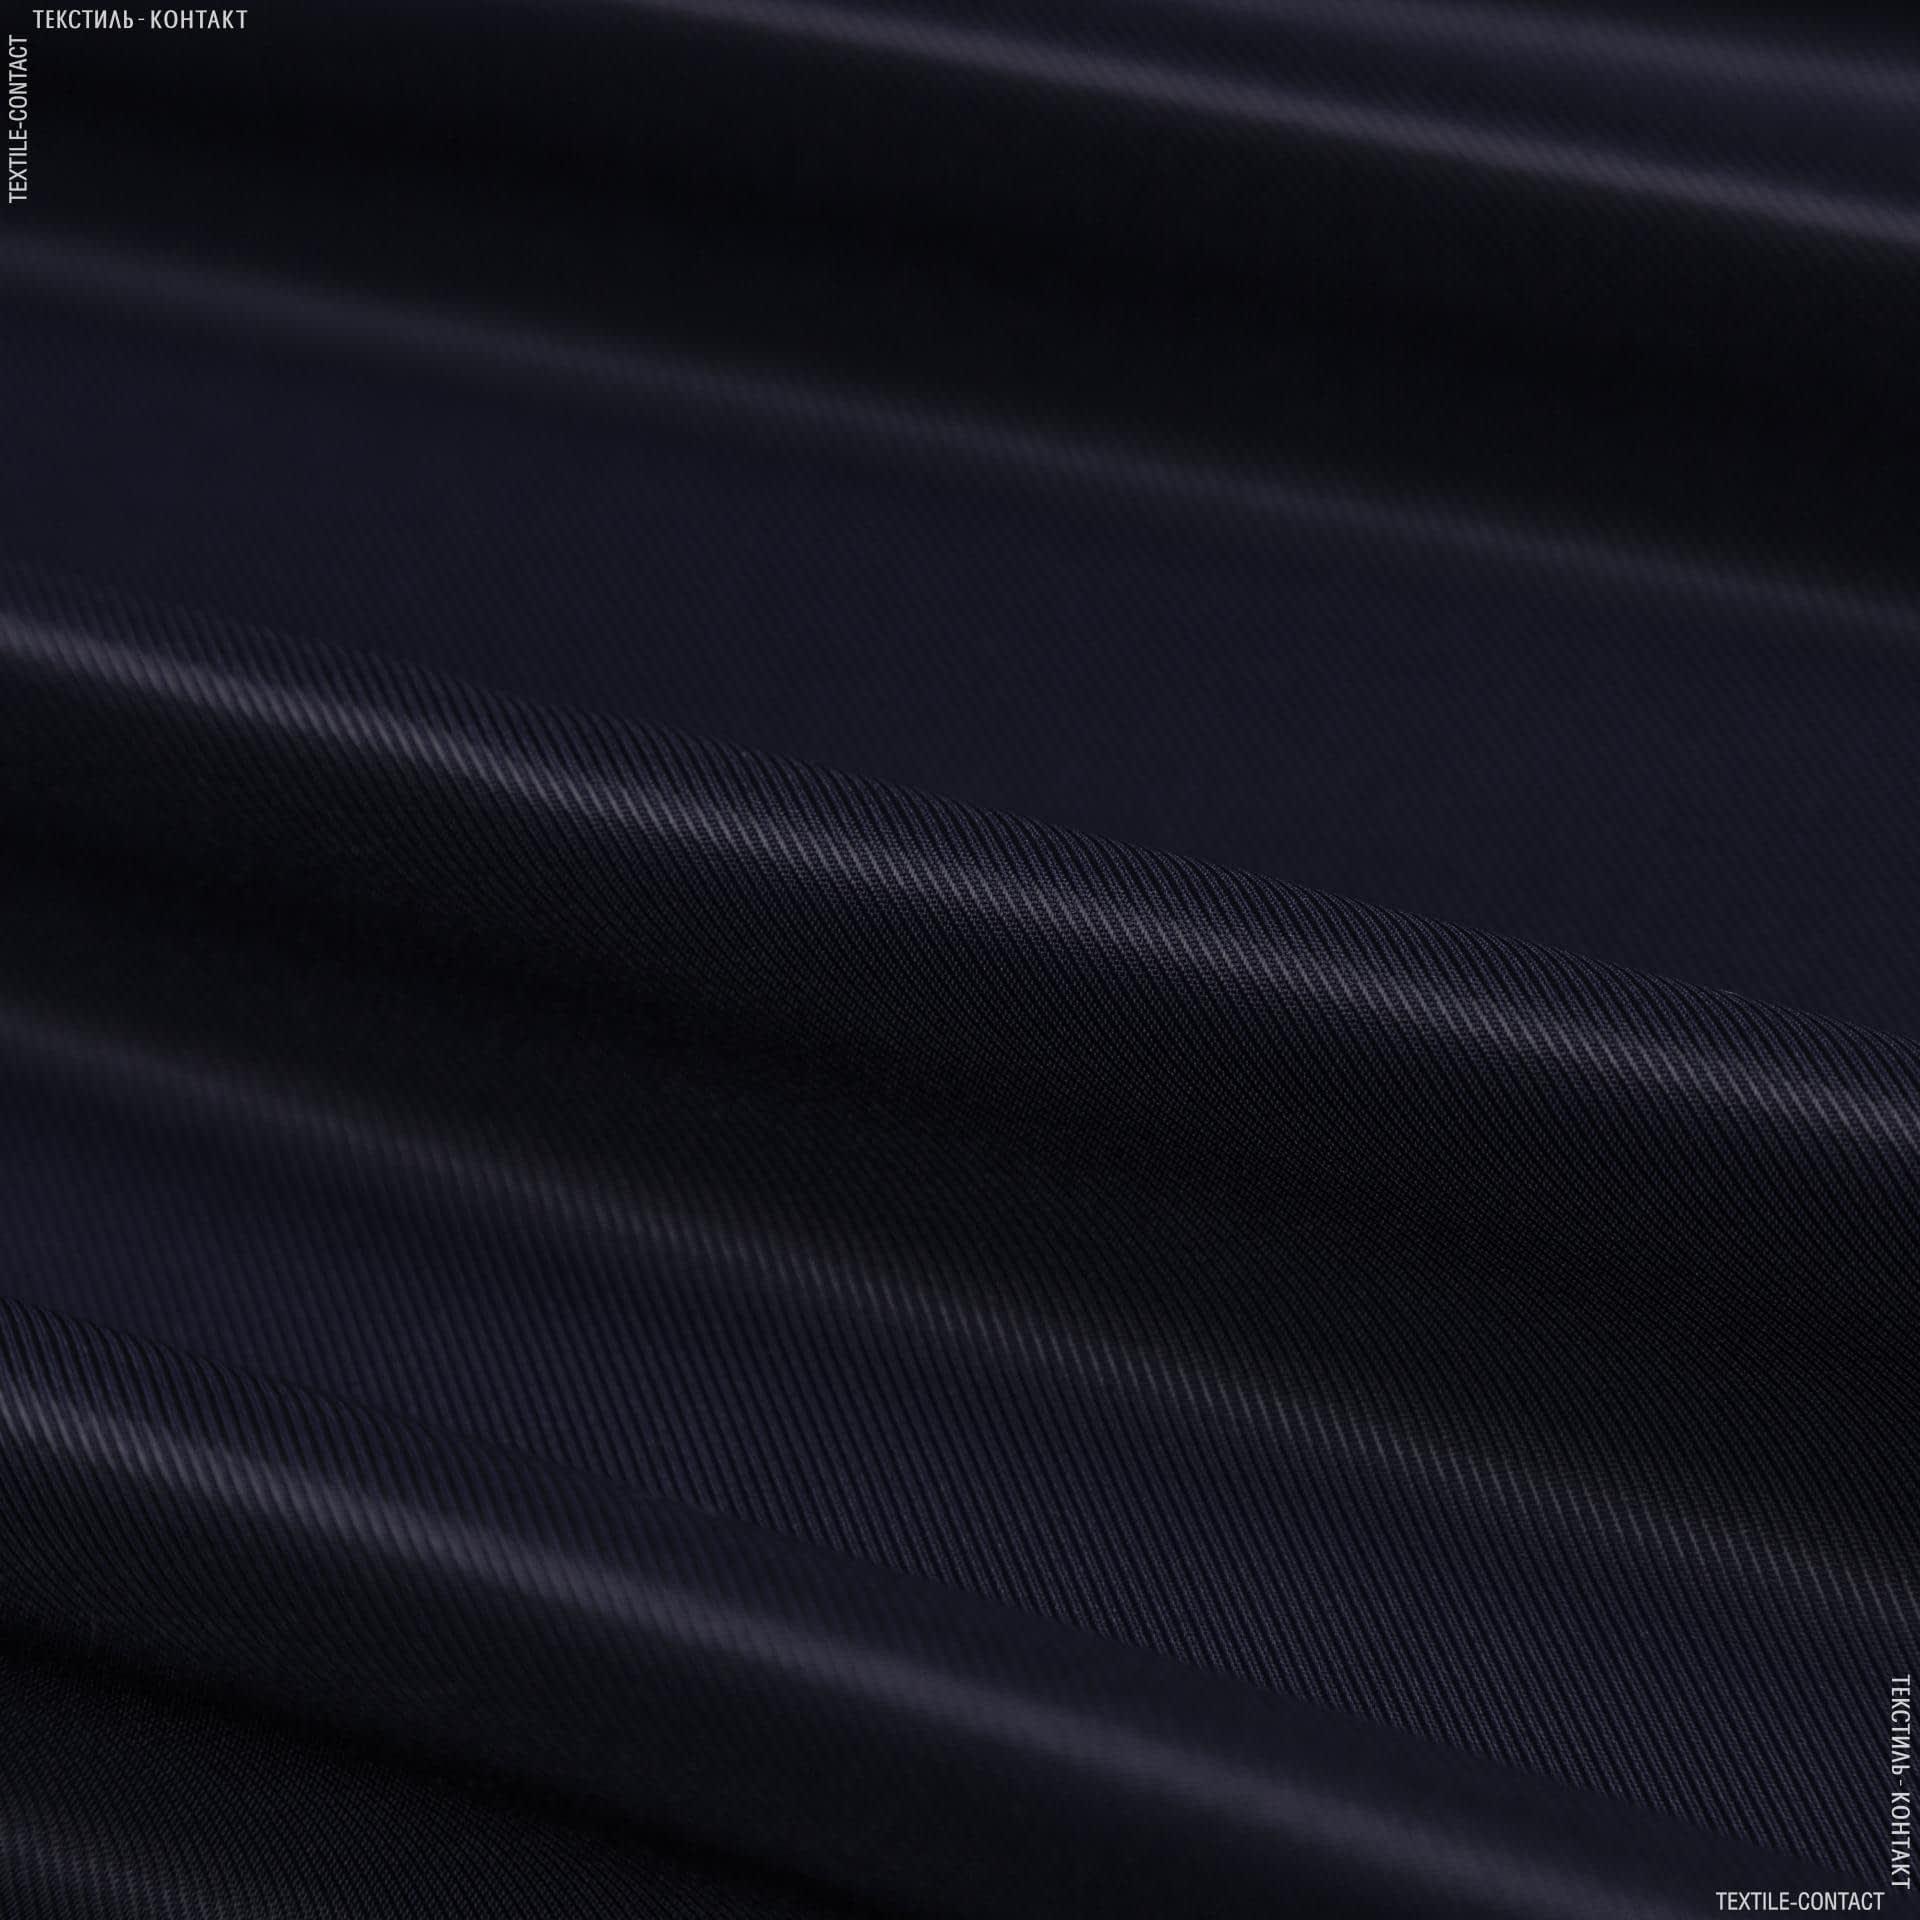 Тканини підкладкова тканина - Підкладкова темно-синій